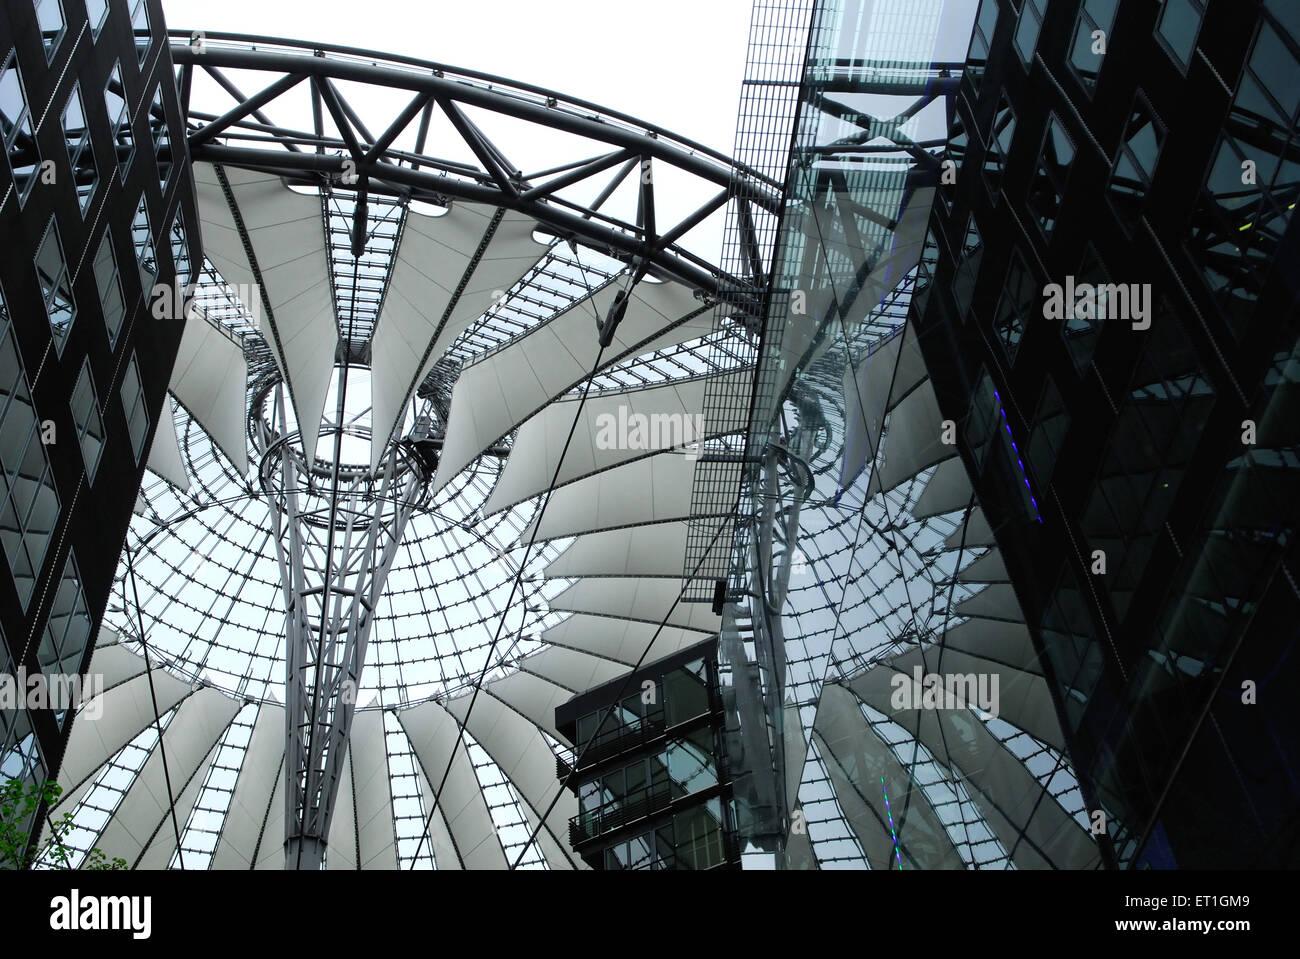 Arquitectura hecha de vidrio y hierro ; ; Berlín ALEMANIA Imagen De Stock